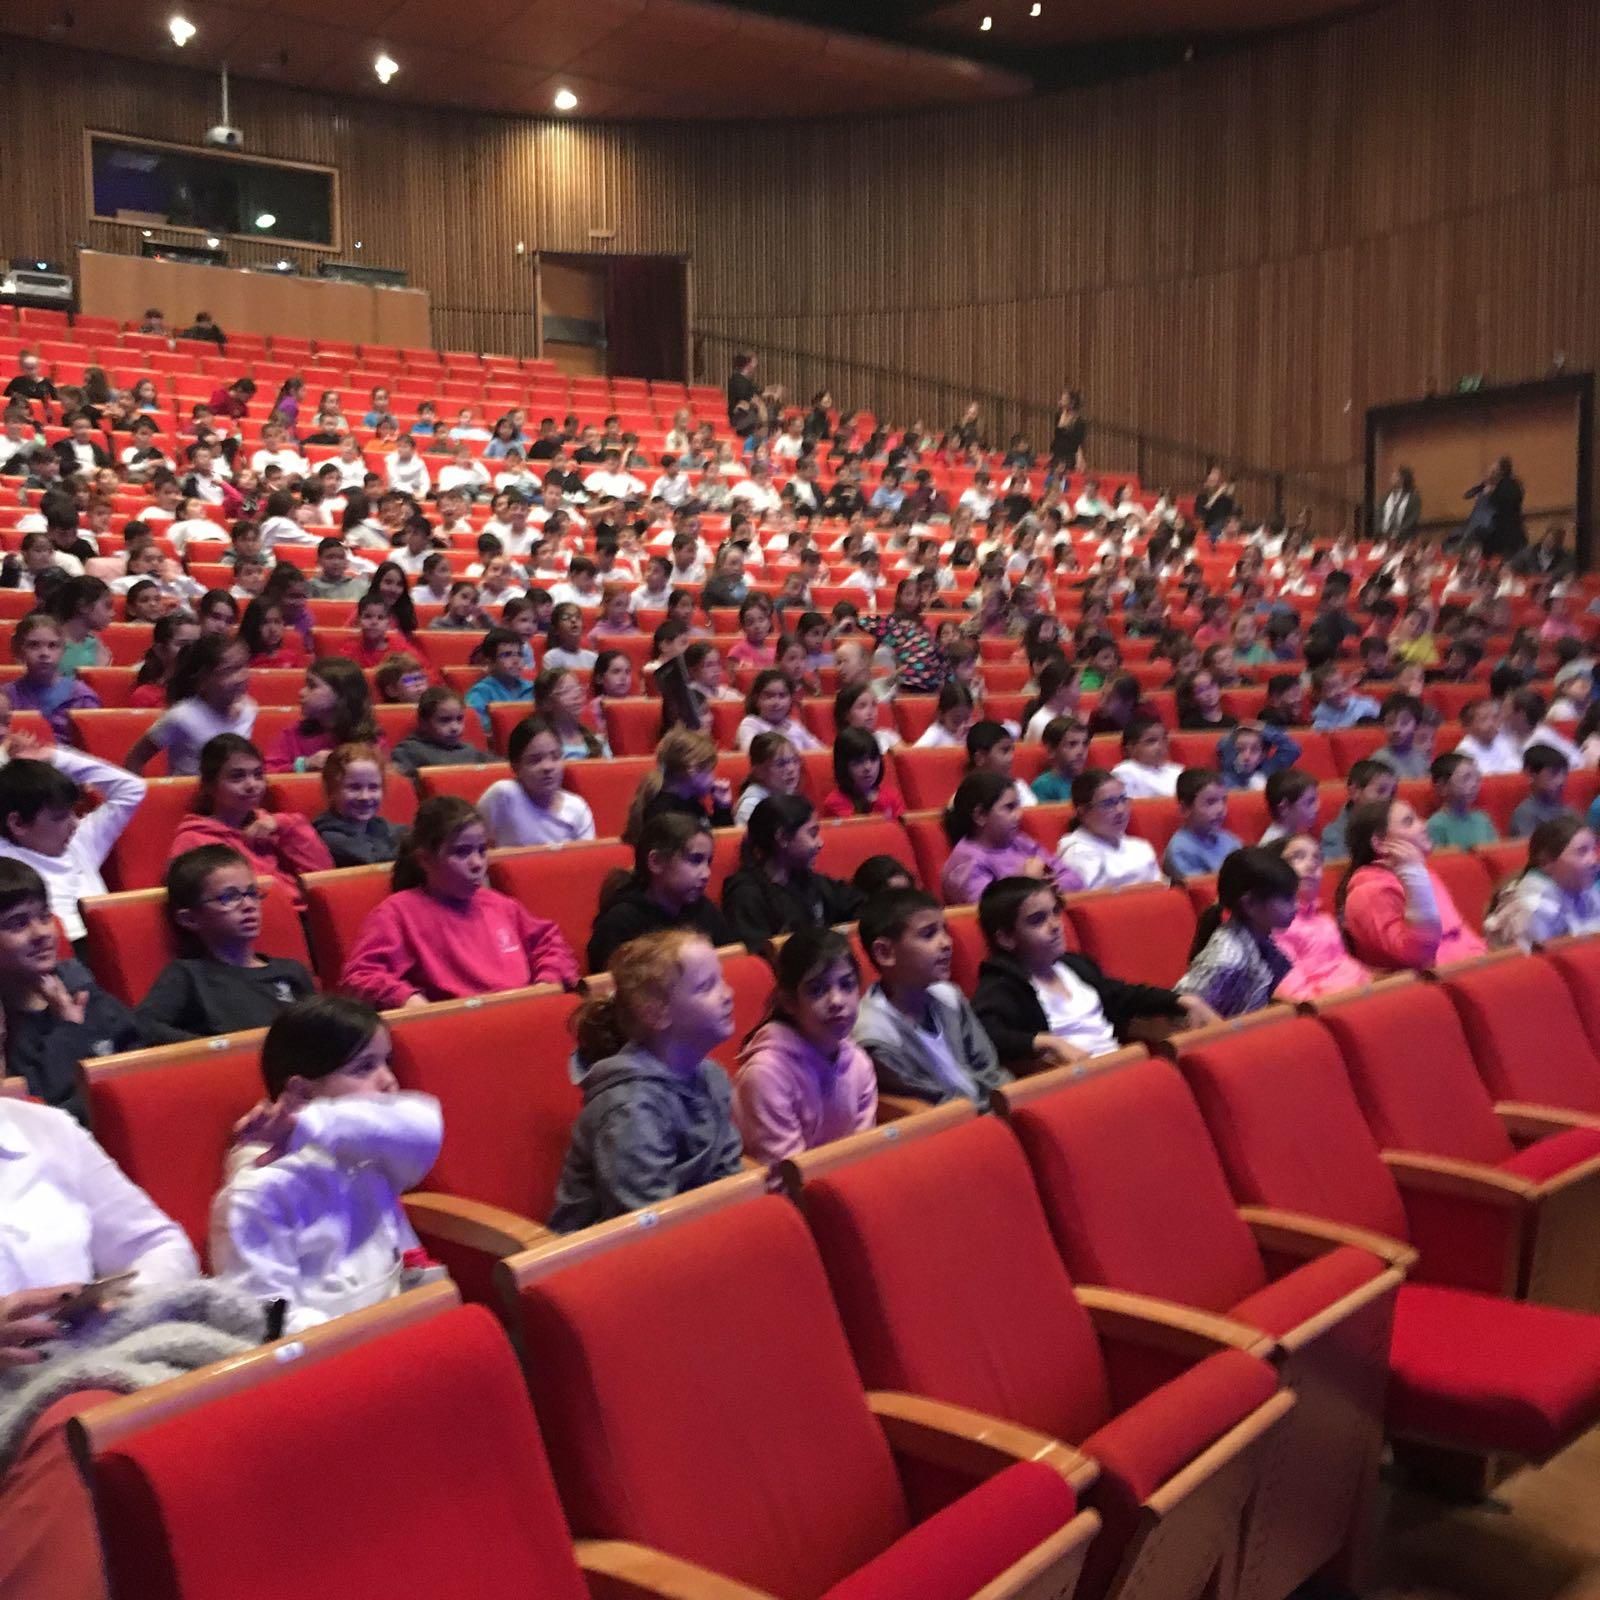 מפגש האופרה של התלמידים (צילום: דוברות עיריית מודיעין מכבים רעות)